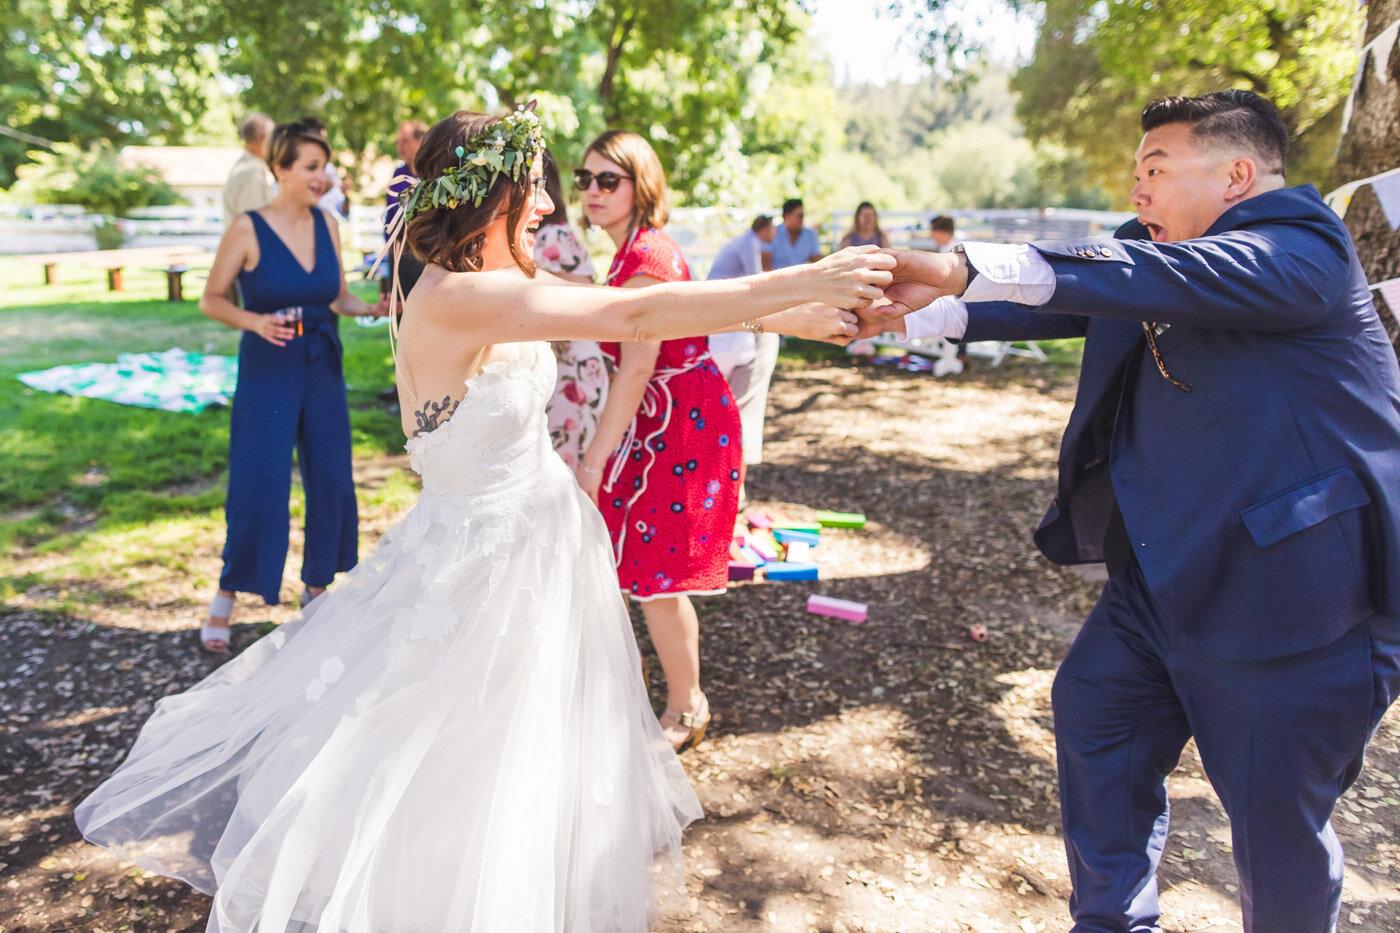 bride-getting-twirled-by-wedding-guest